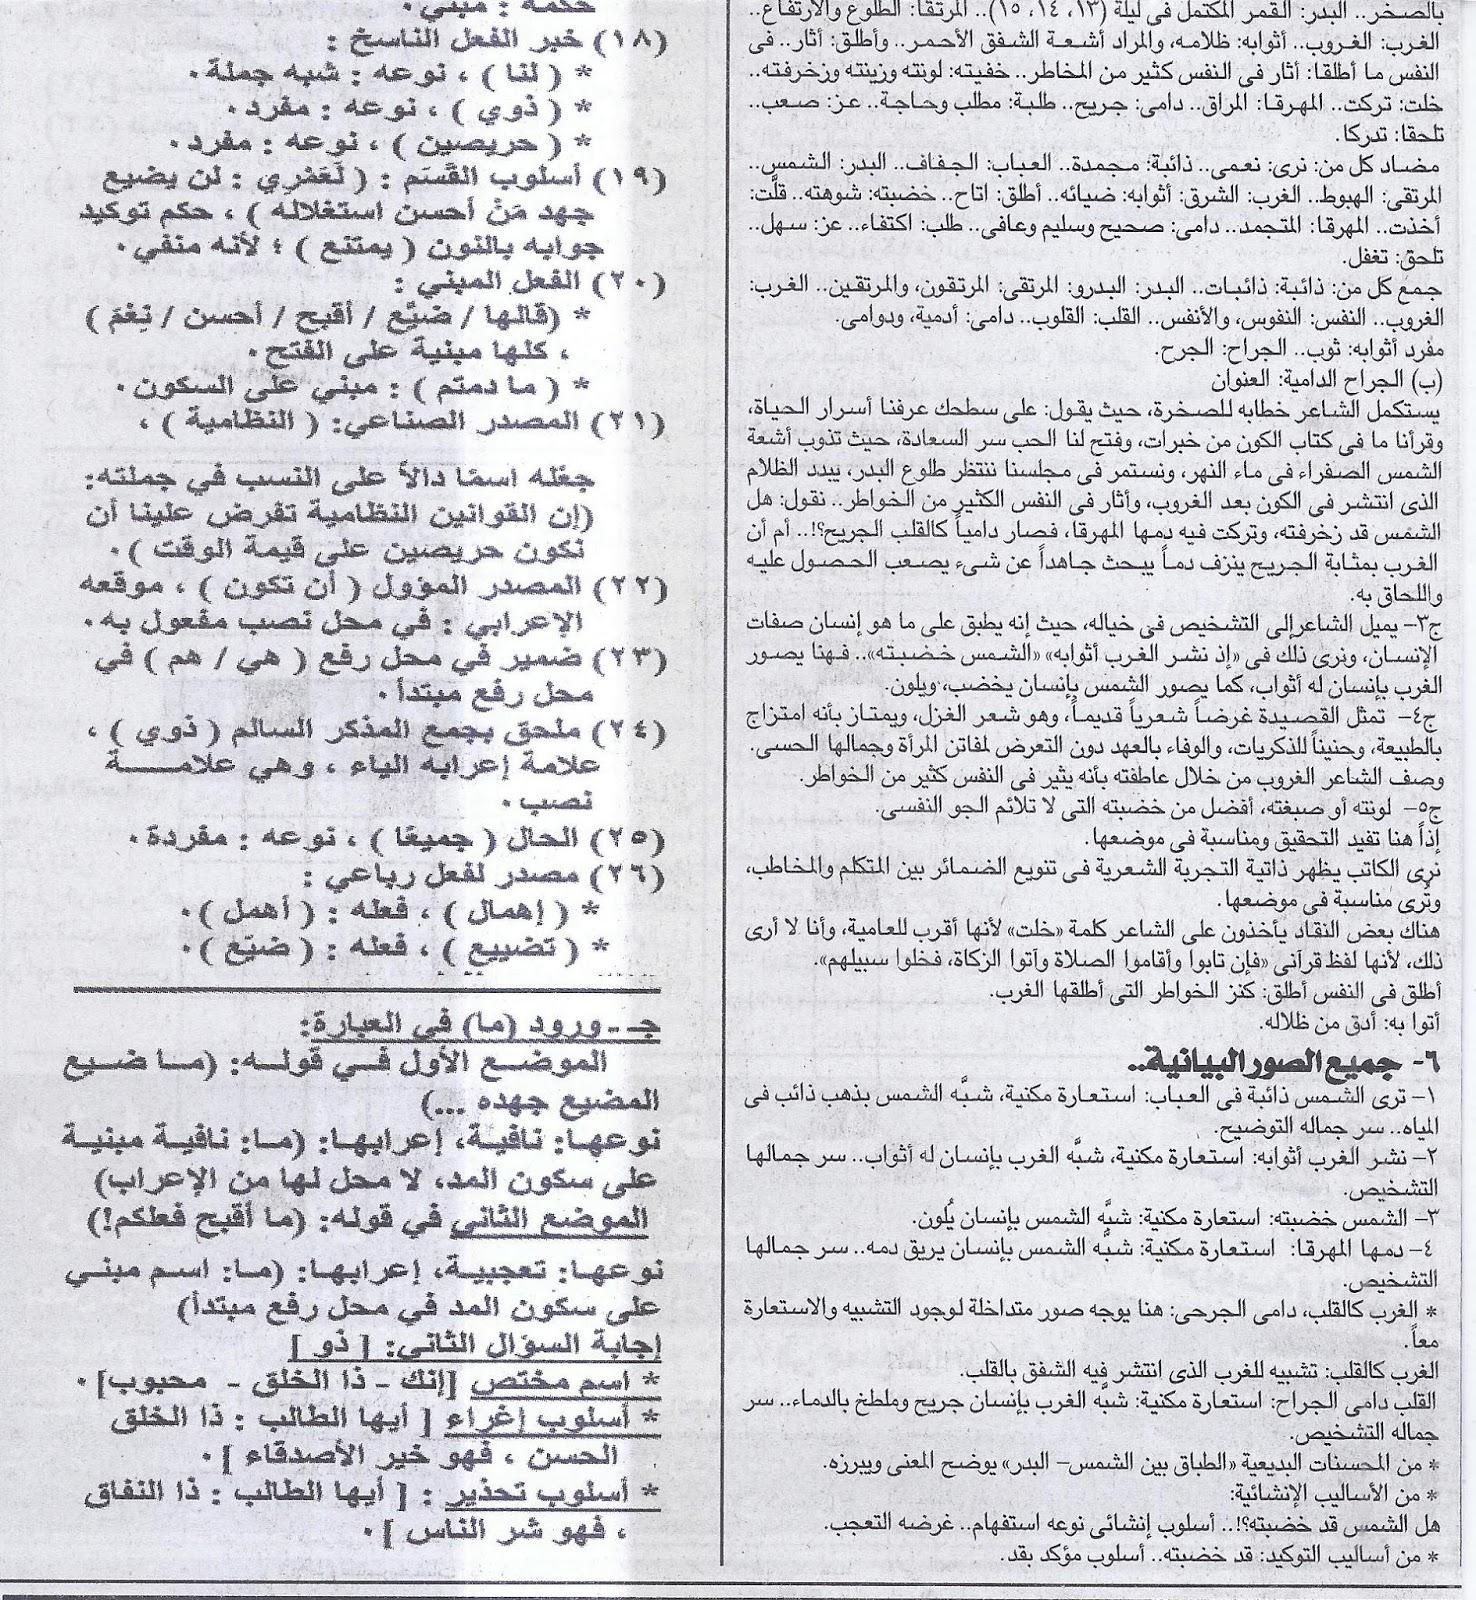 مراجعة الليلة الاخيرة قبل امتحان اللغة العربية للثانوية العامة 2016 .. توقعات ملحق الجمهورية 22